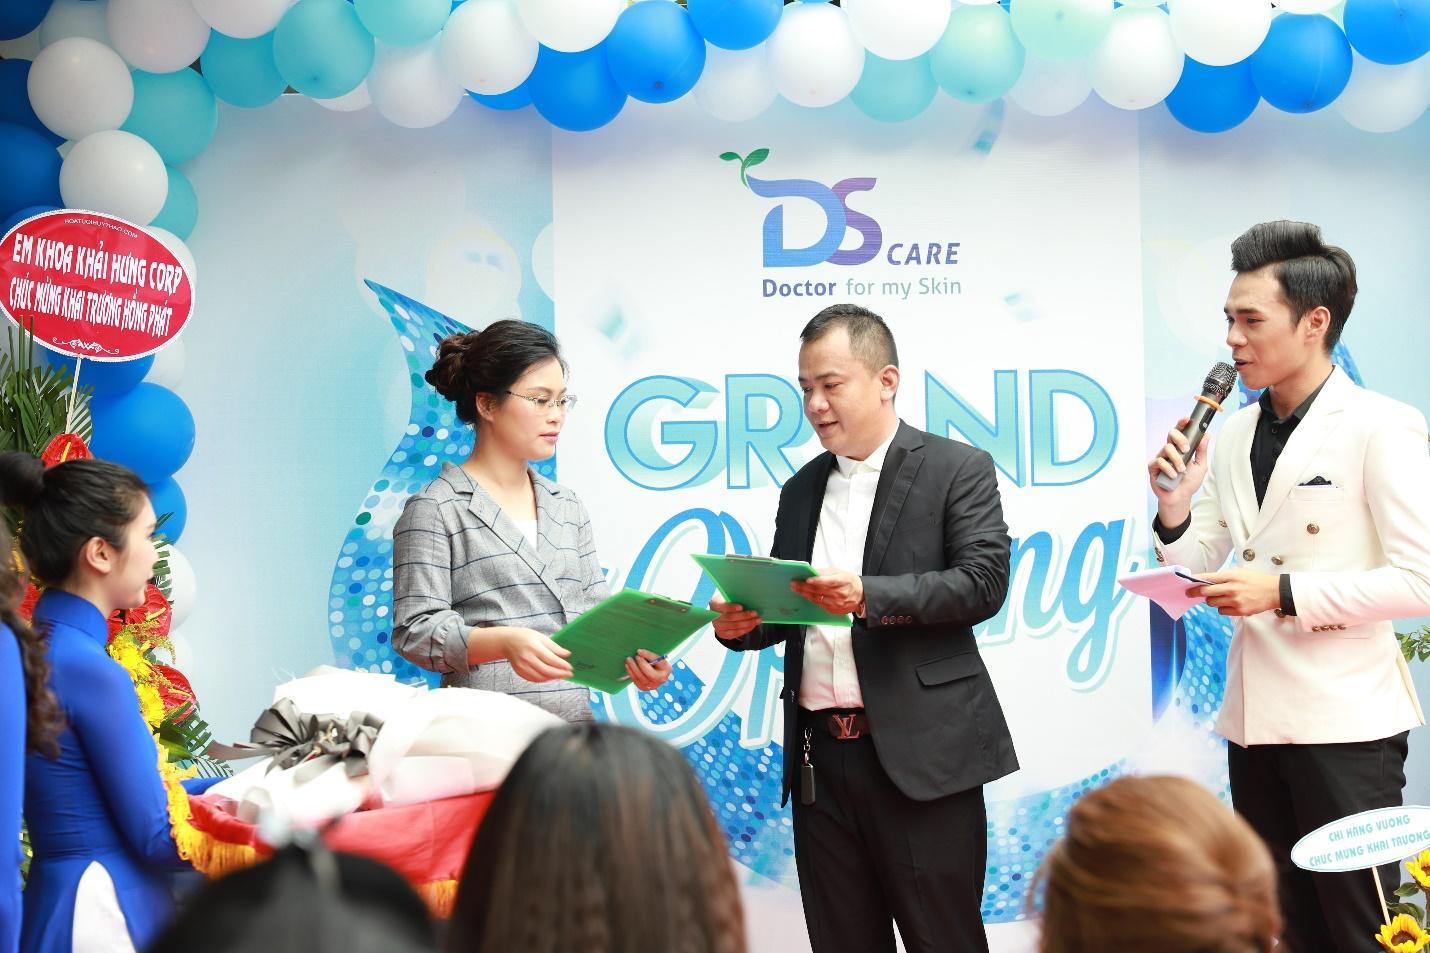 Lễ ký kết hợp tác giữa trường trung cấp Future Việt Nam với Công ty Cổ Phần Ds.Care - Ảnh 1